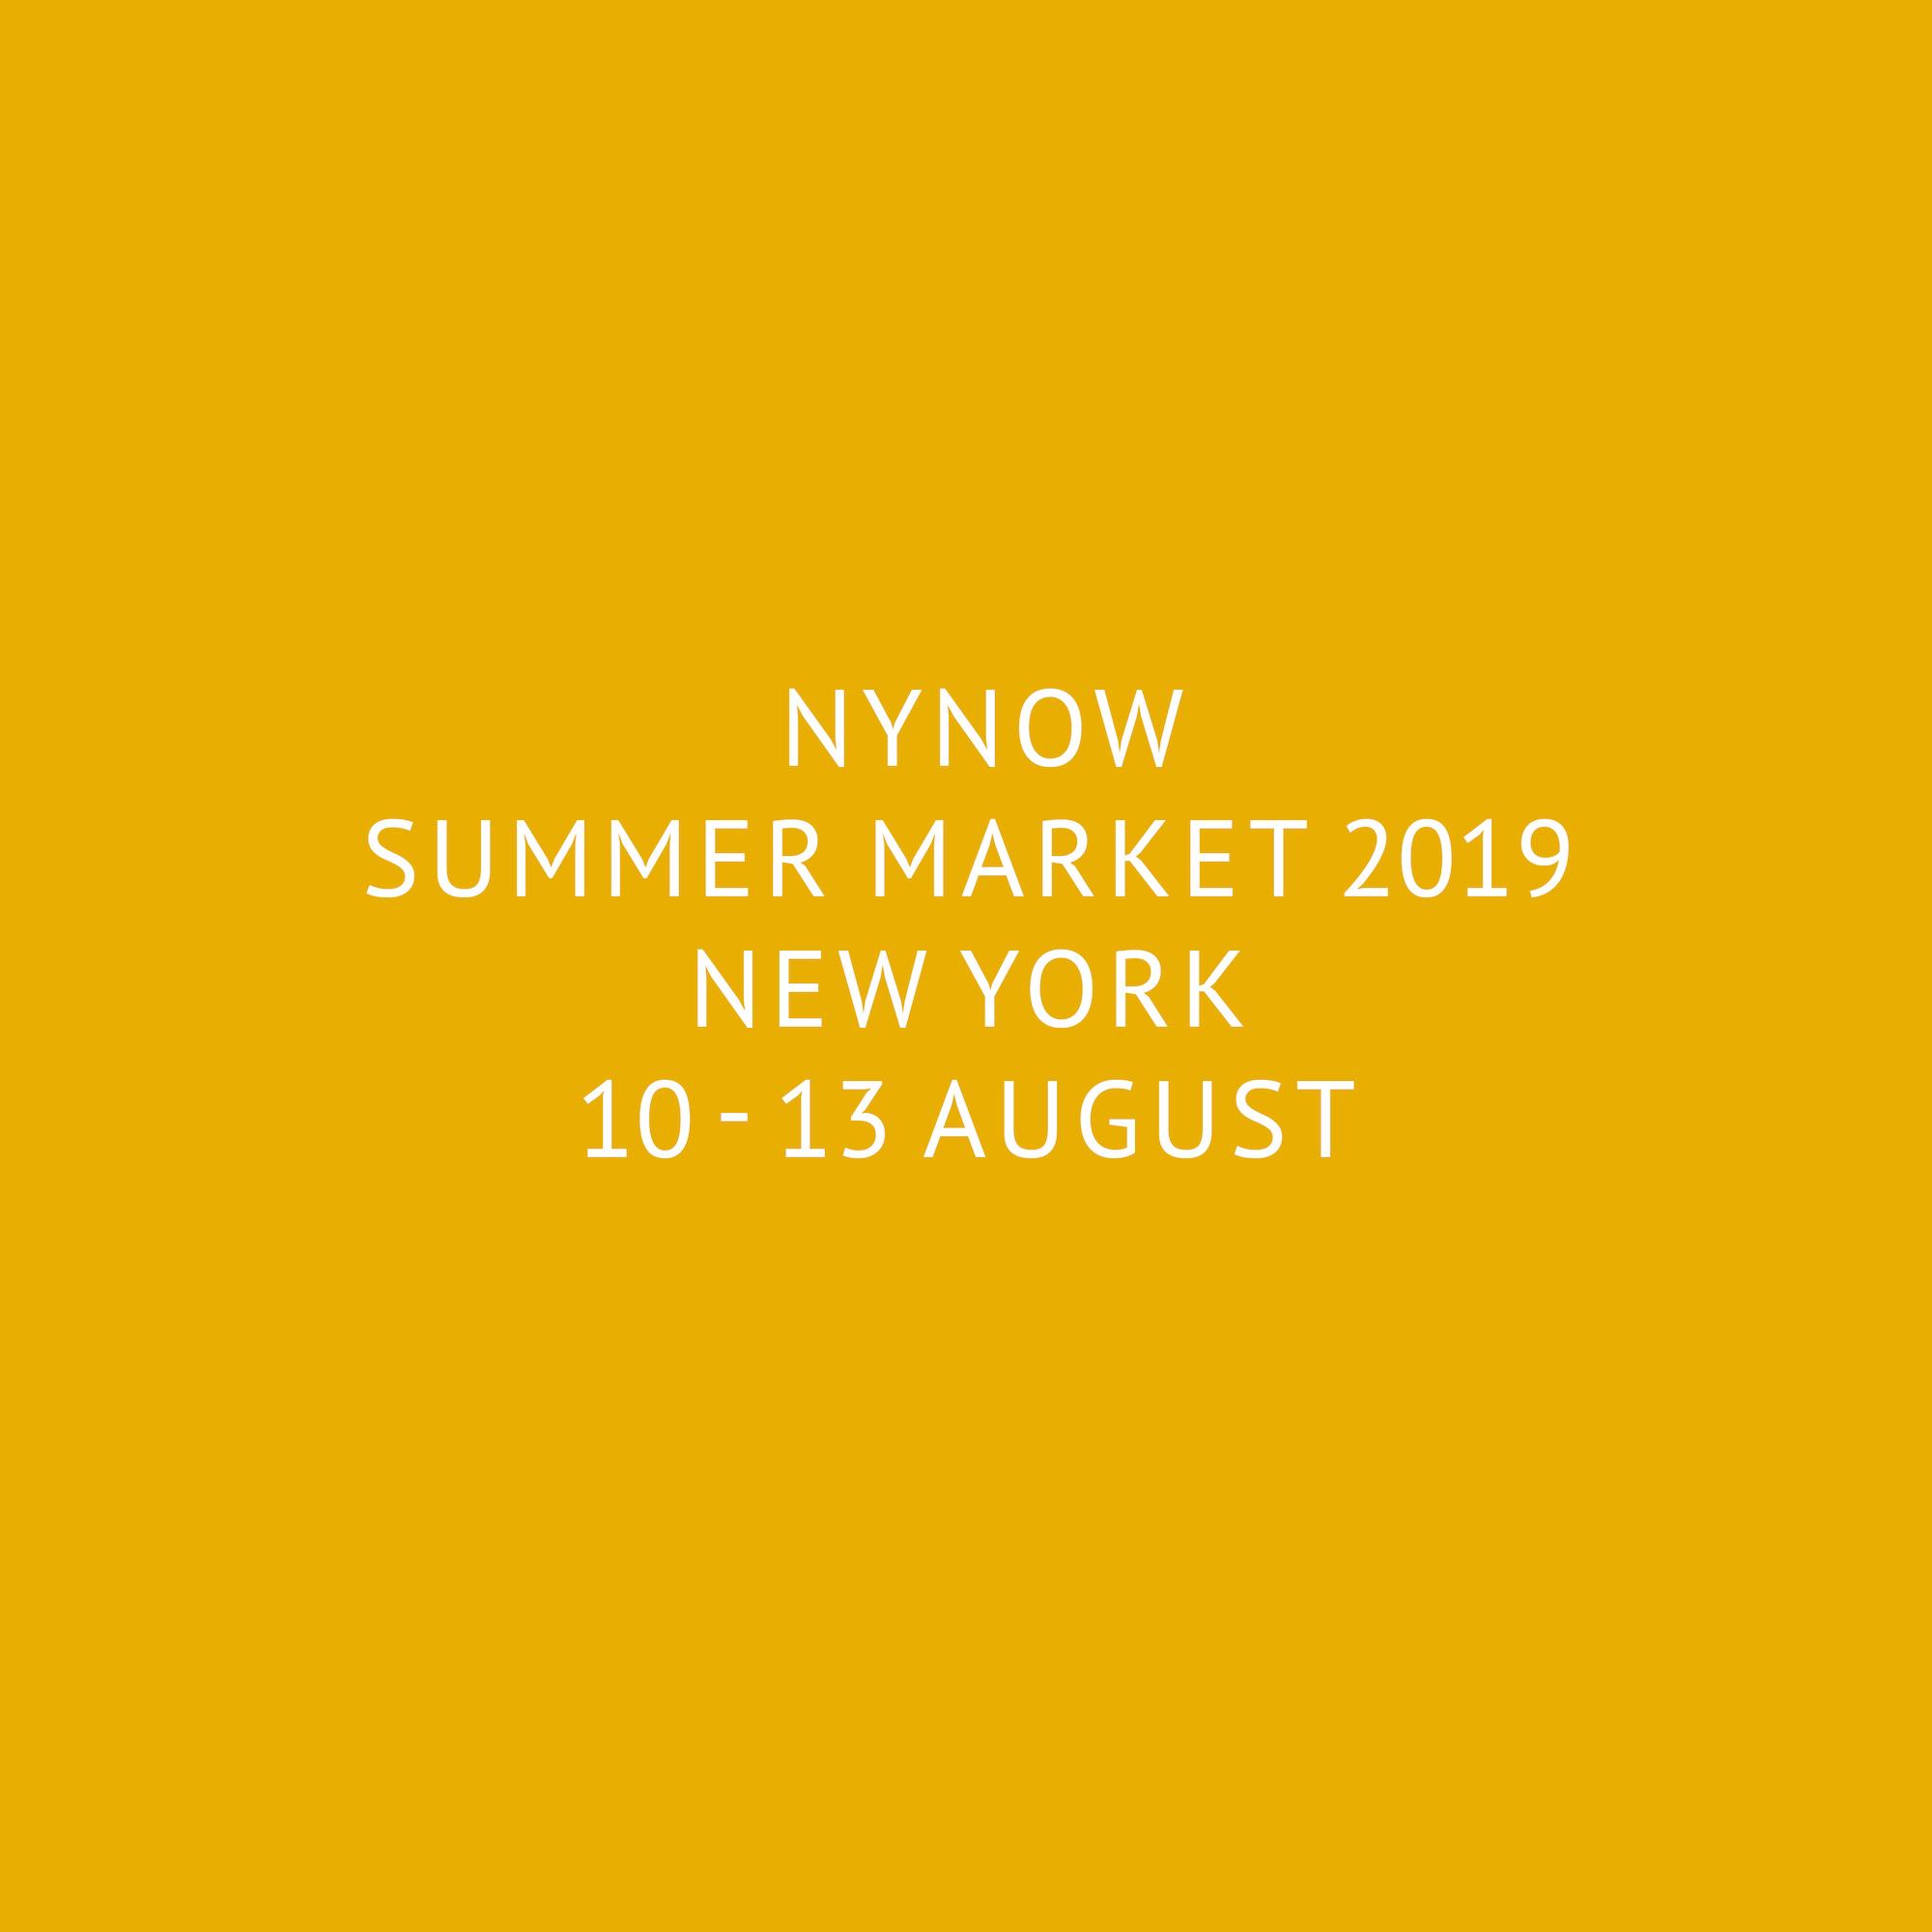 nynow summer market 2019.jpg